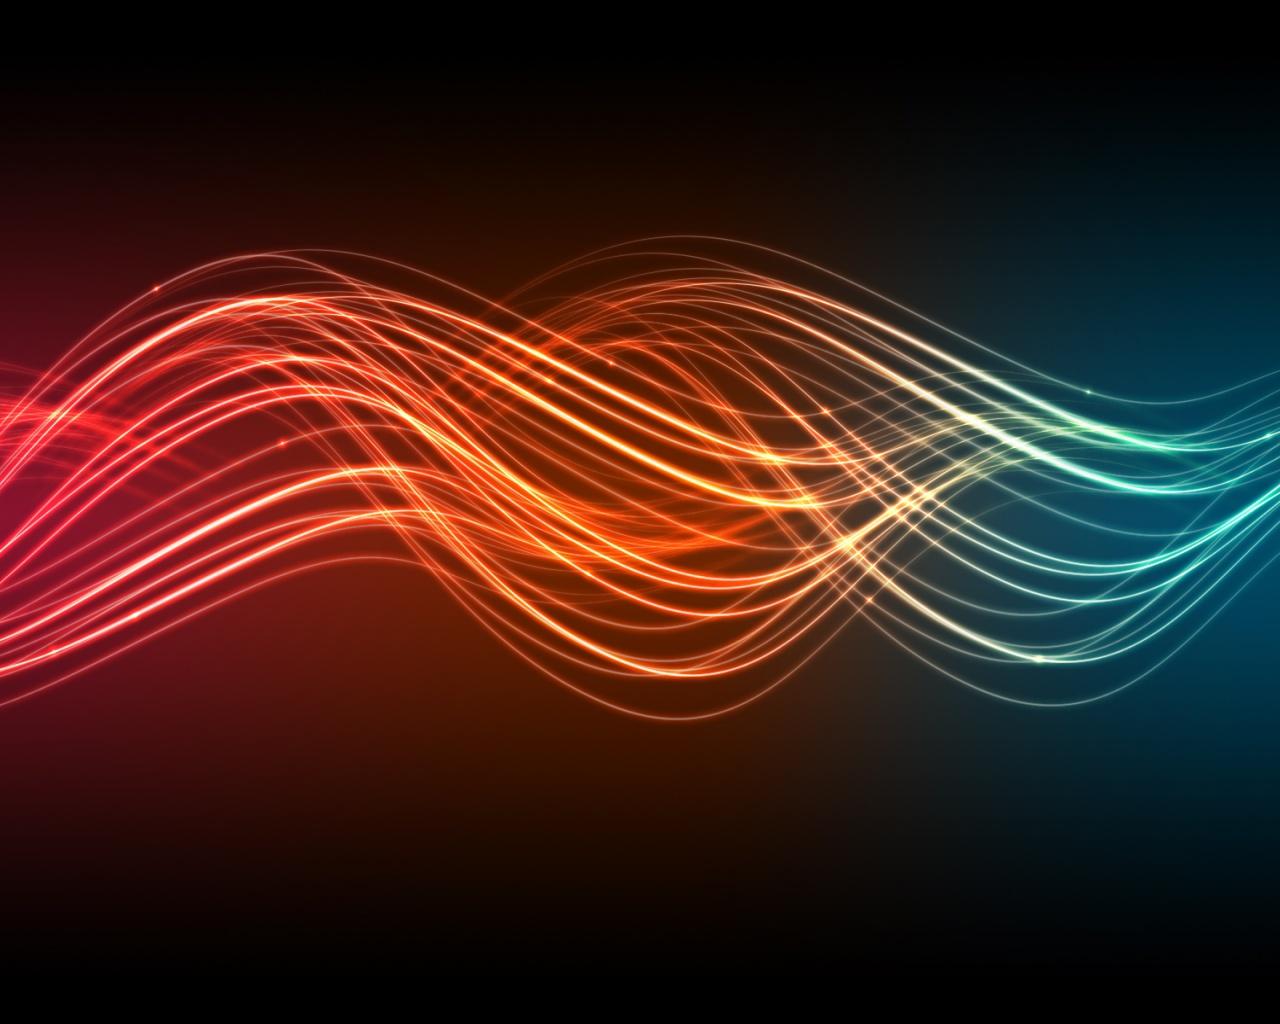 E006: Les couleurs sonores